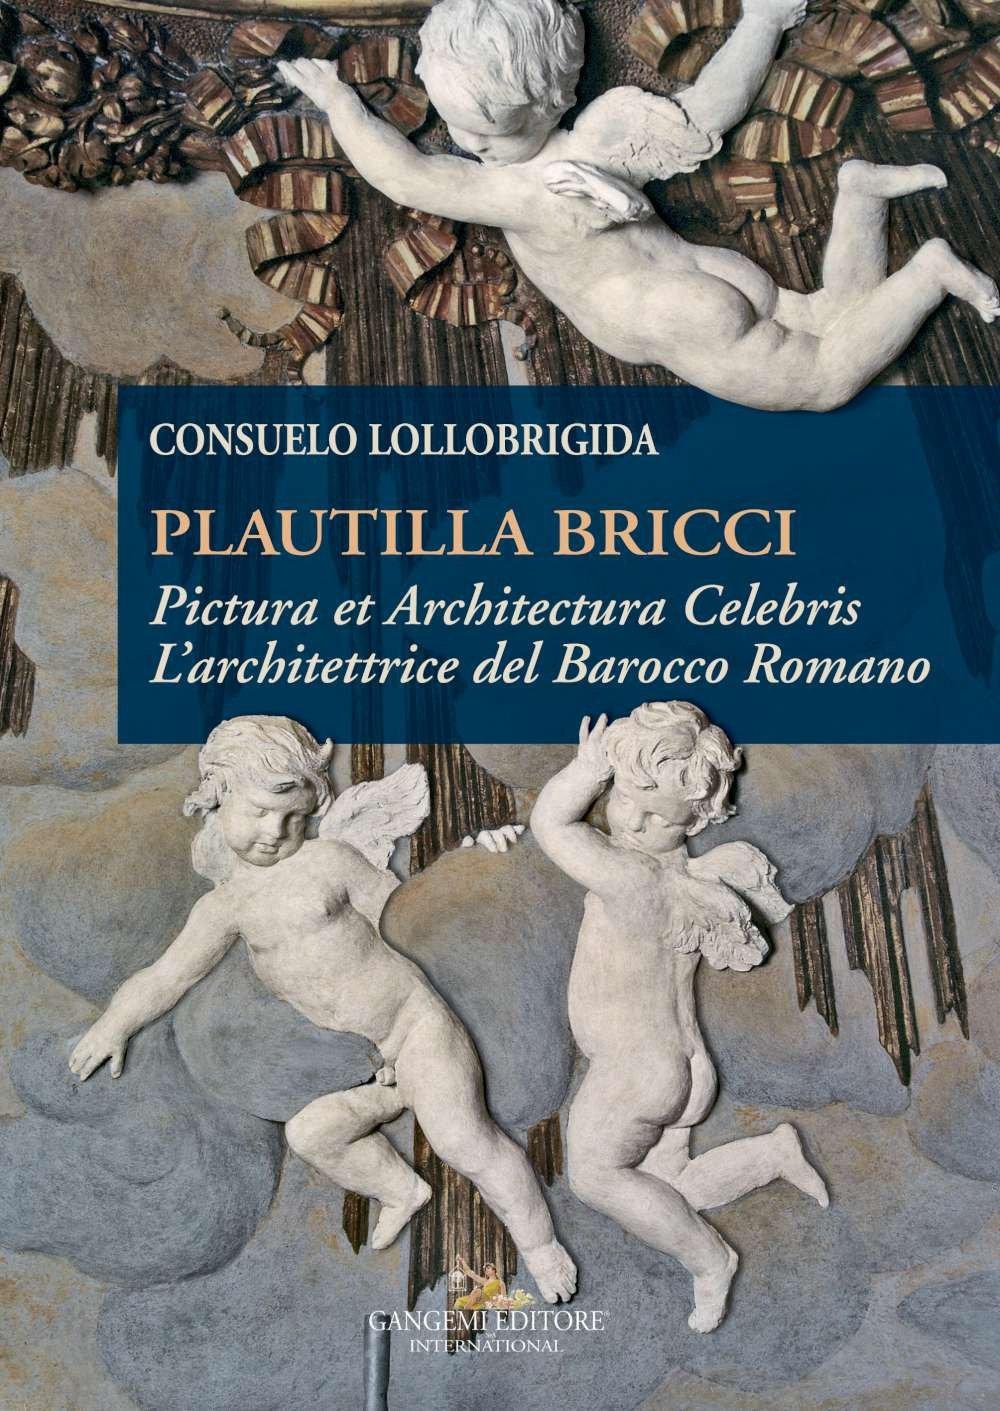 Plautilla Bricci. Pictura et Architectura Celebris. L'architettrice del Barocco Romano